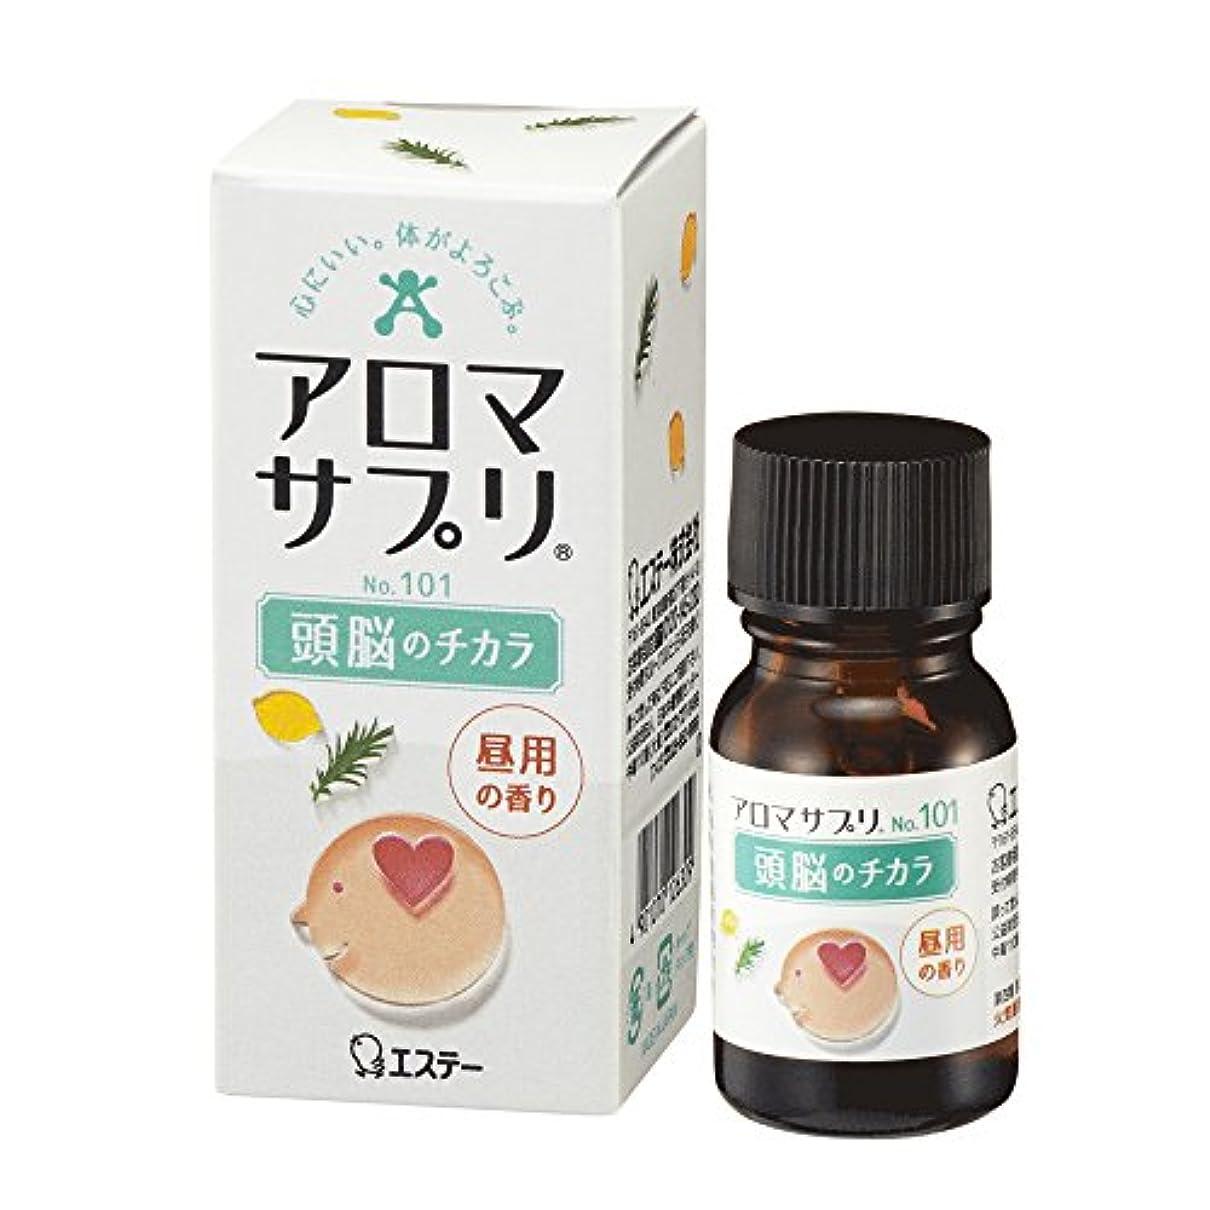 正確さておき集まるアロマサプリ 100%天然ブレンドアロマ 頭脳のチカラ 昼用の香り ローズマリーカンファー&レモン 10ml (約60回分)